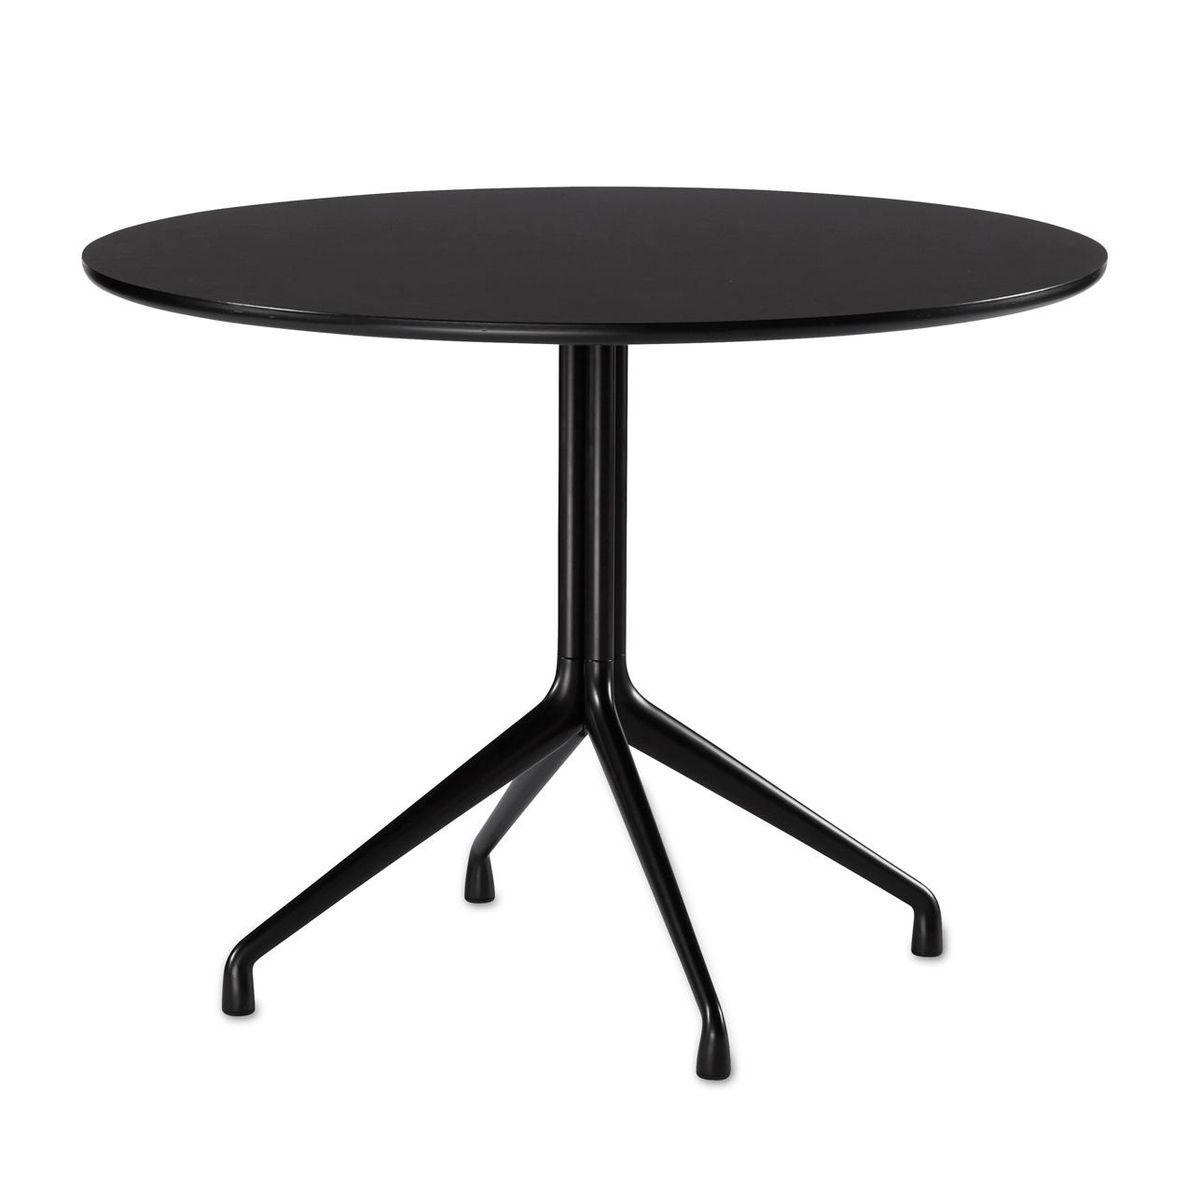 Esstisch rund schwarz  About a Table AAT20 Esstisch rund Ø100/110cm | HAY ...